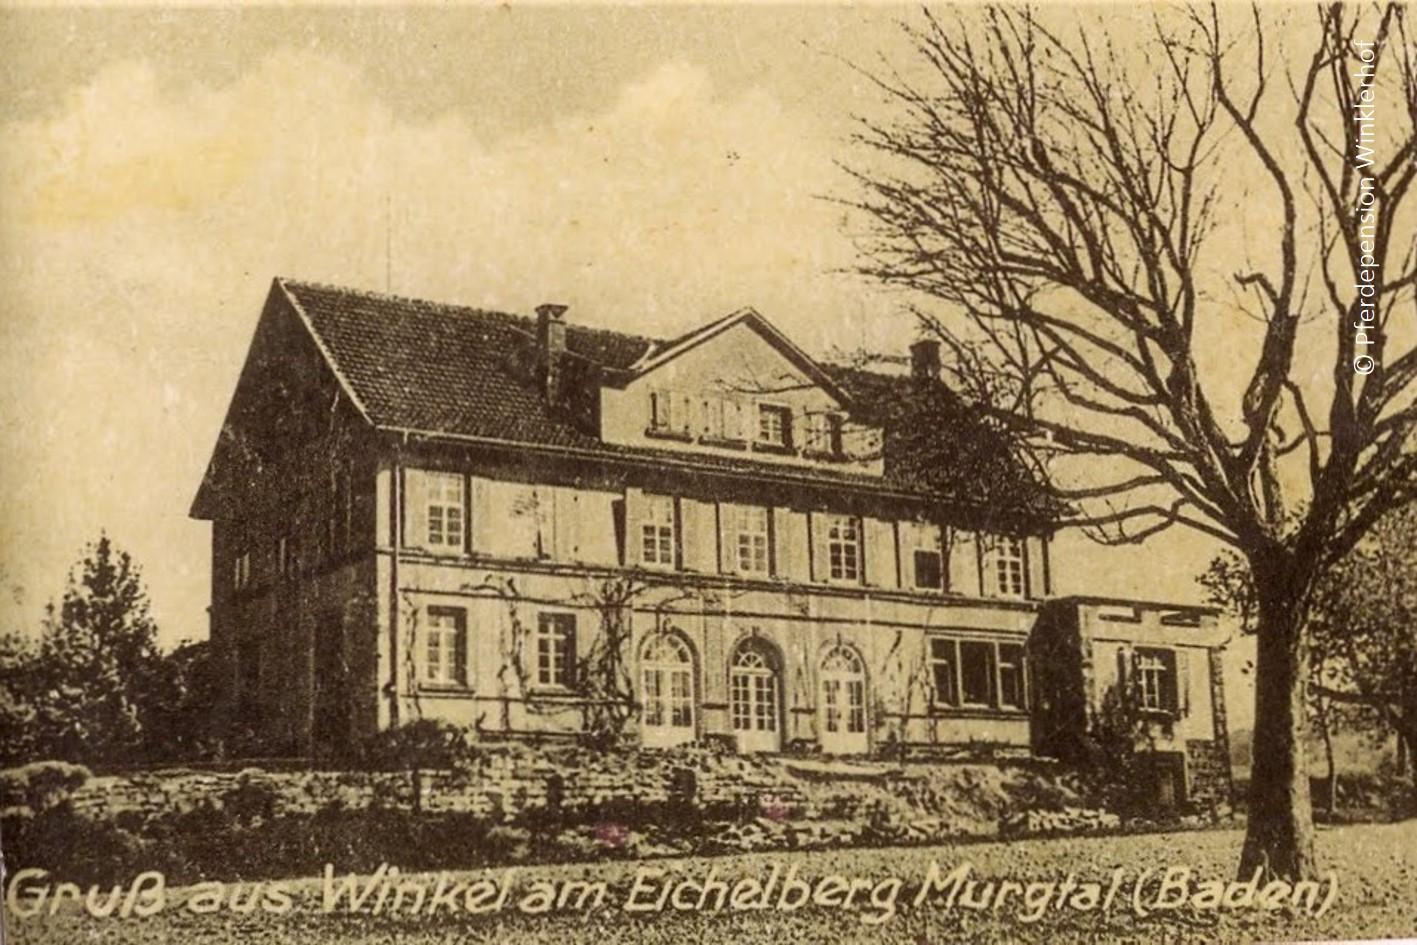 Historische Postkarte aus Winkel